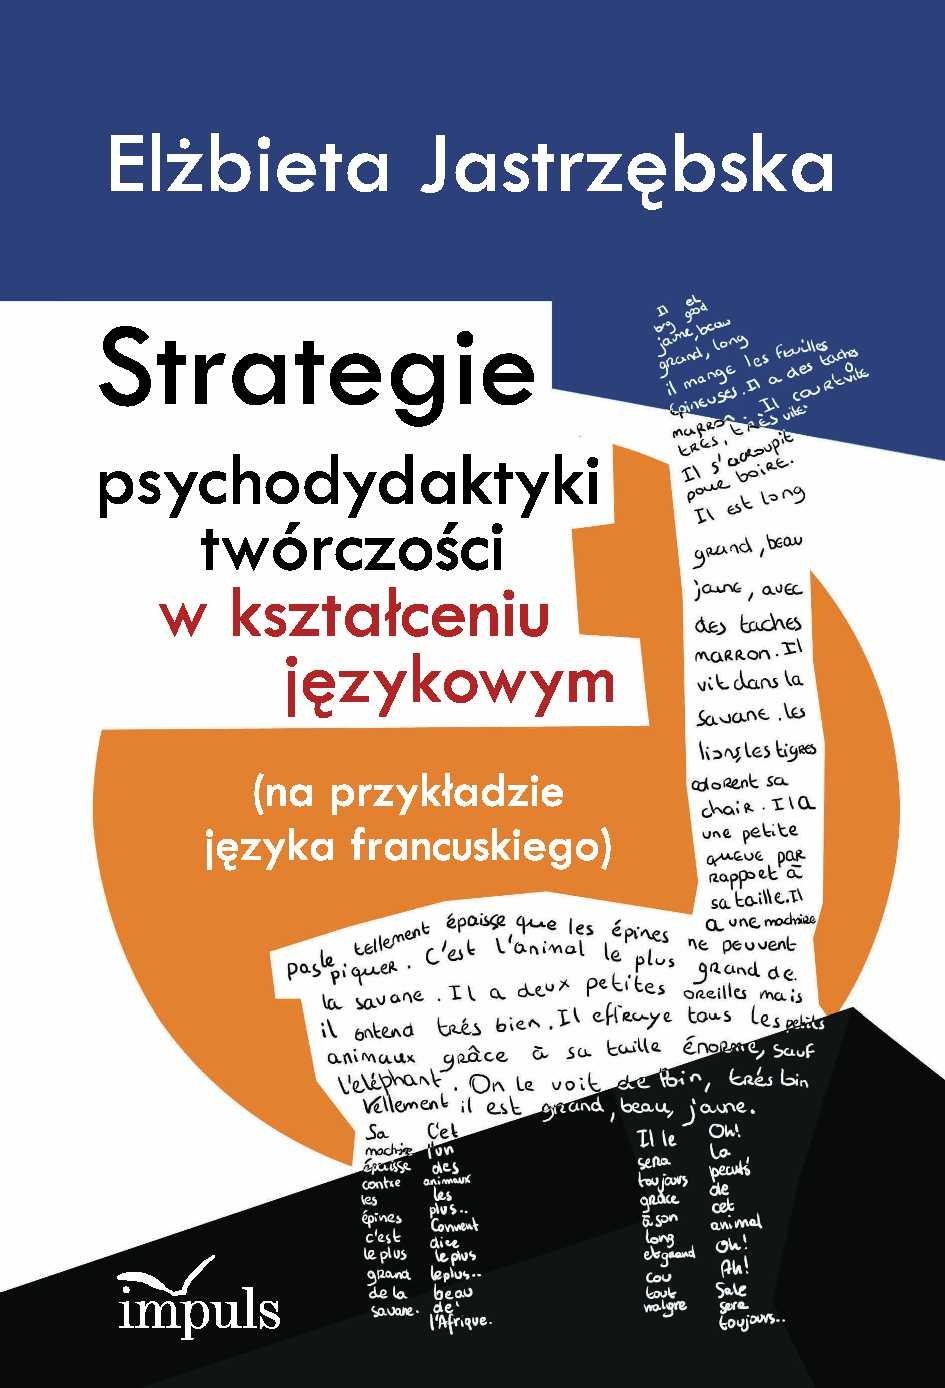 Strategie psychodydaktyki twórczości w kształceniu językowym - Ebook (Książka PDF) do pobrania w formacie PDF